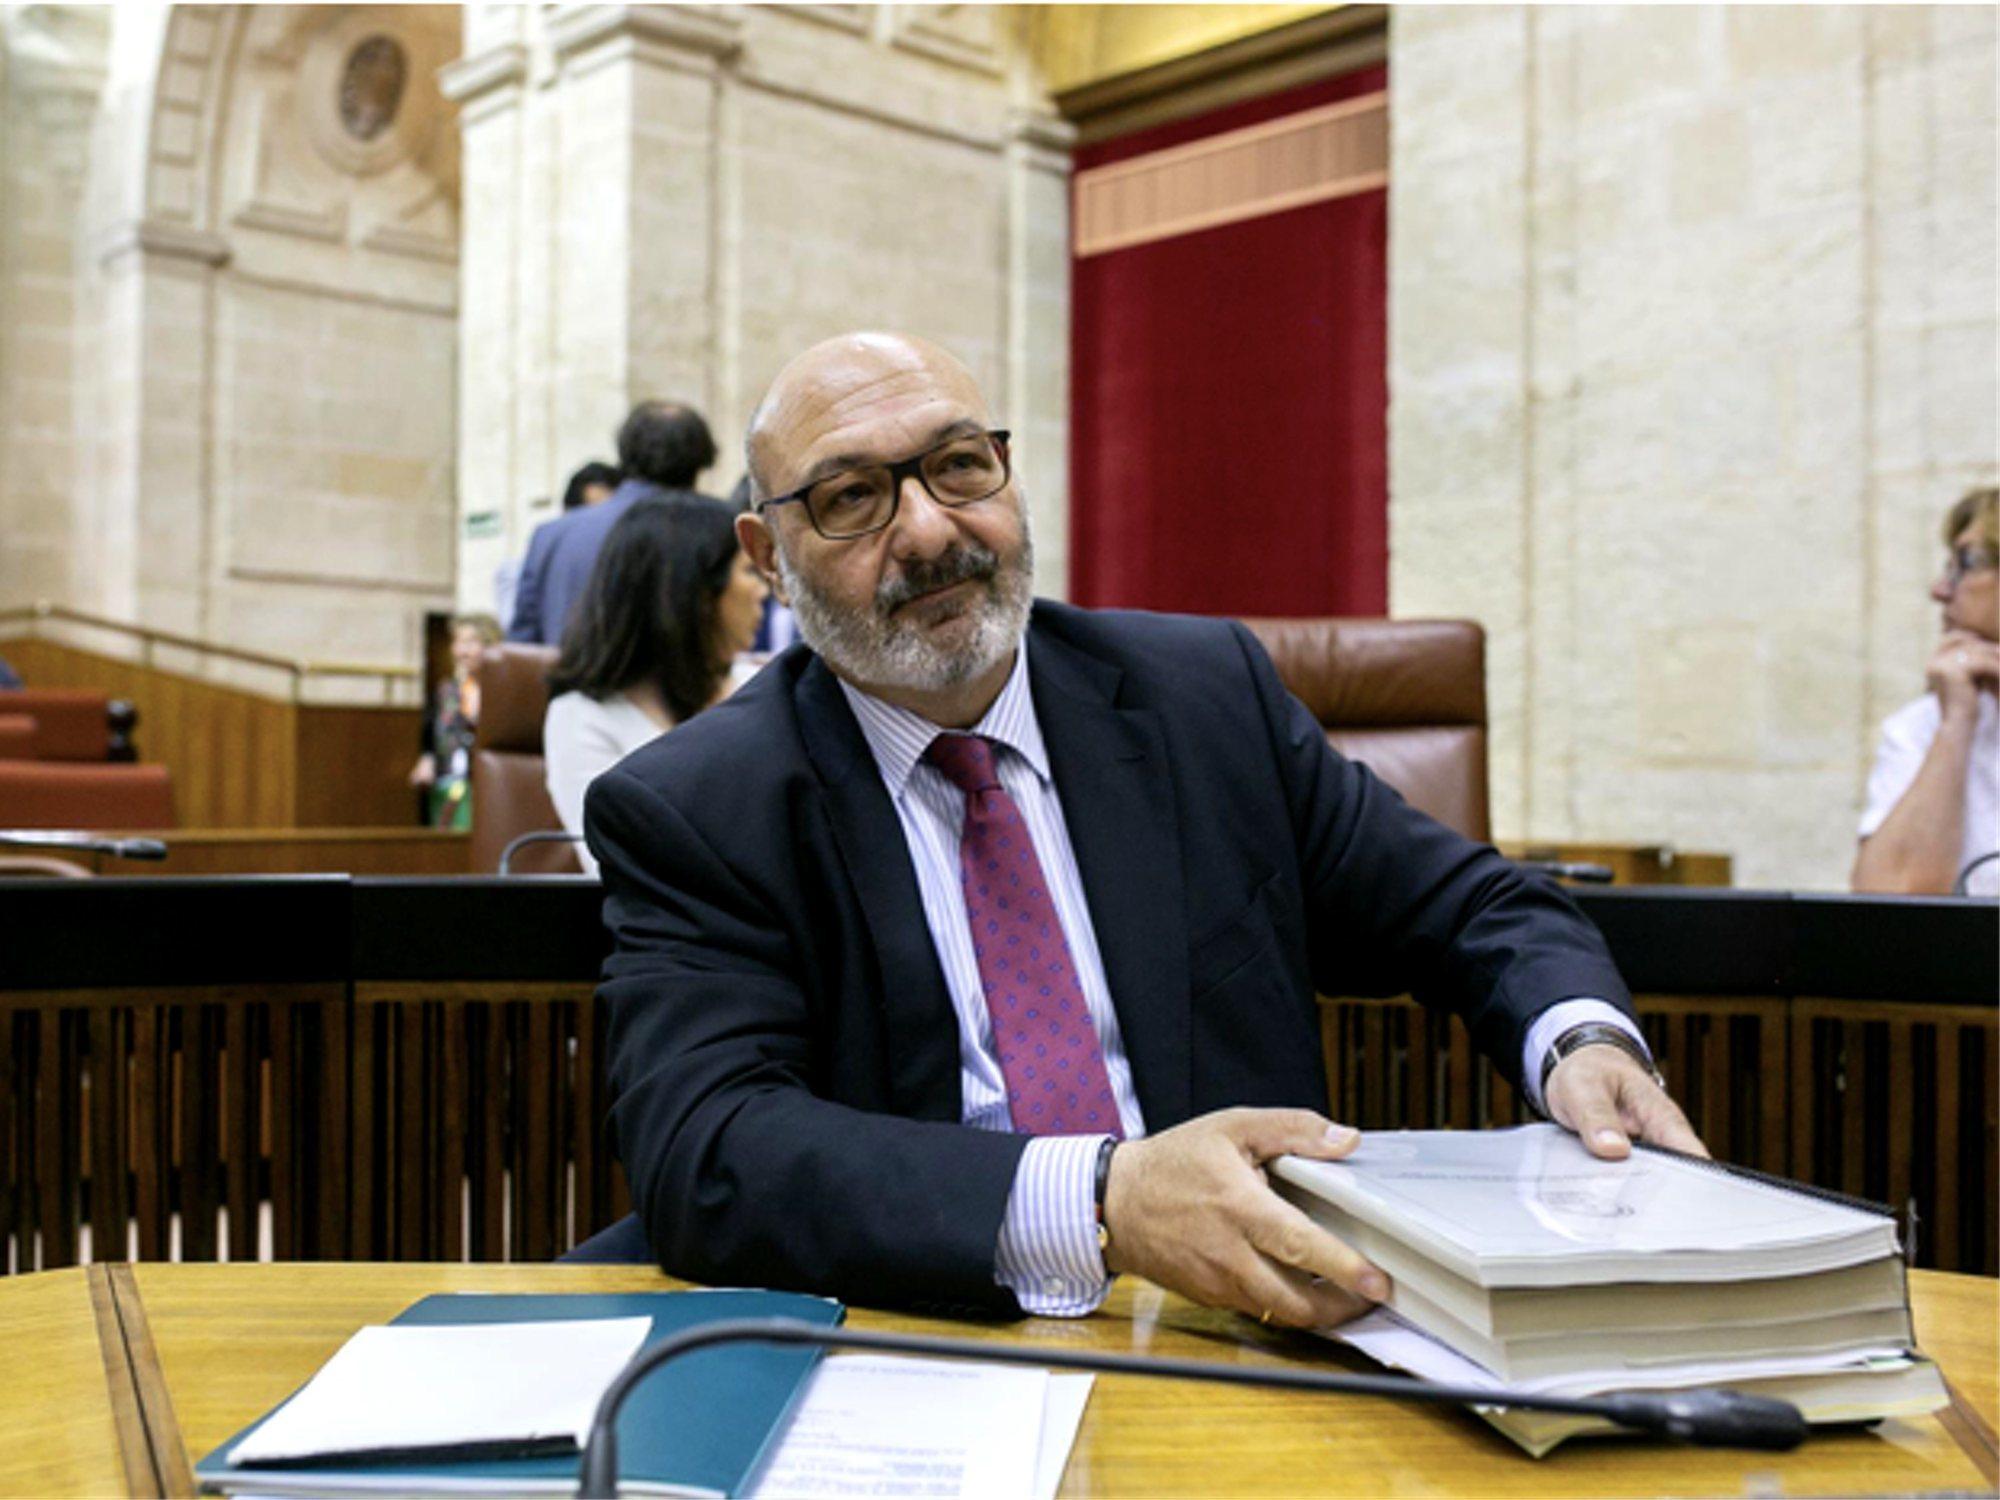 """El portavoz andaluz de VOX, al PSOE: """"Solo interesa hablar del sexo anal, eso sí les pone"""""""